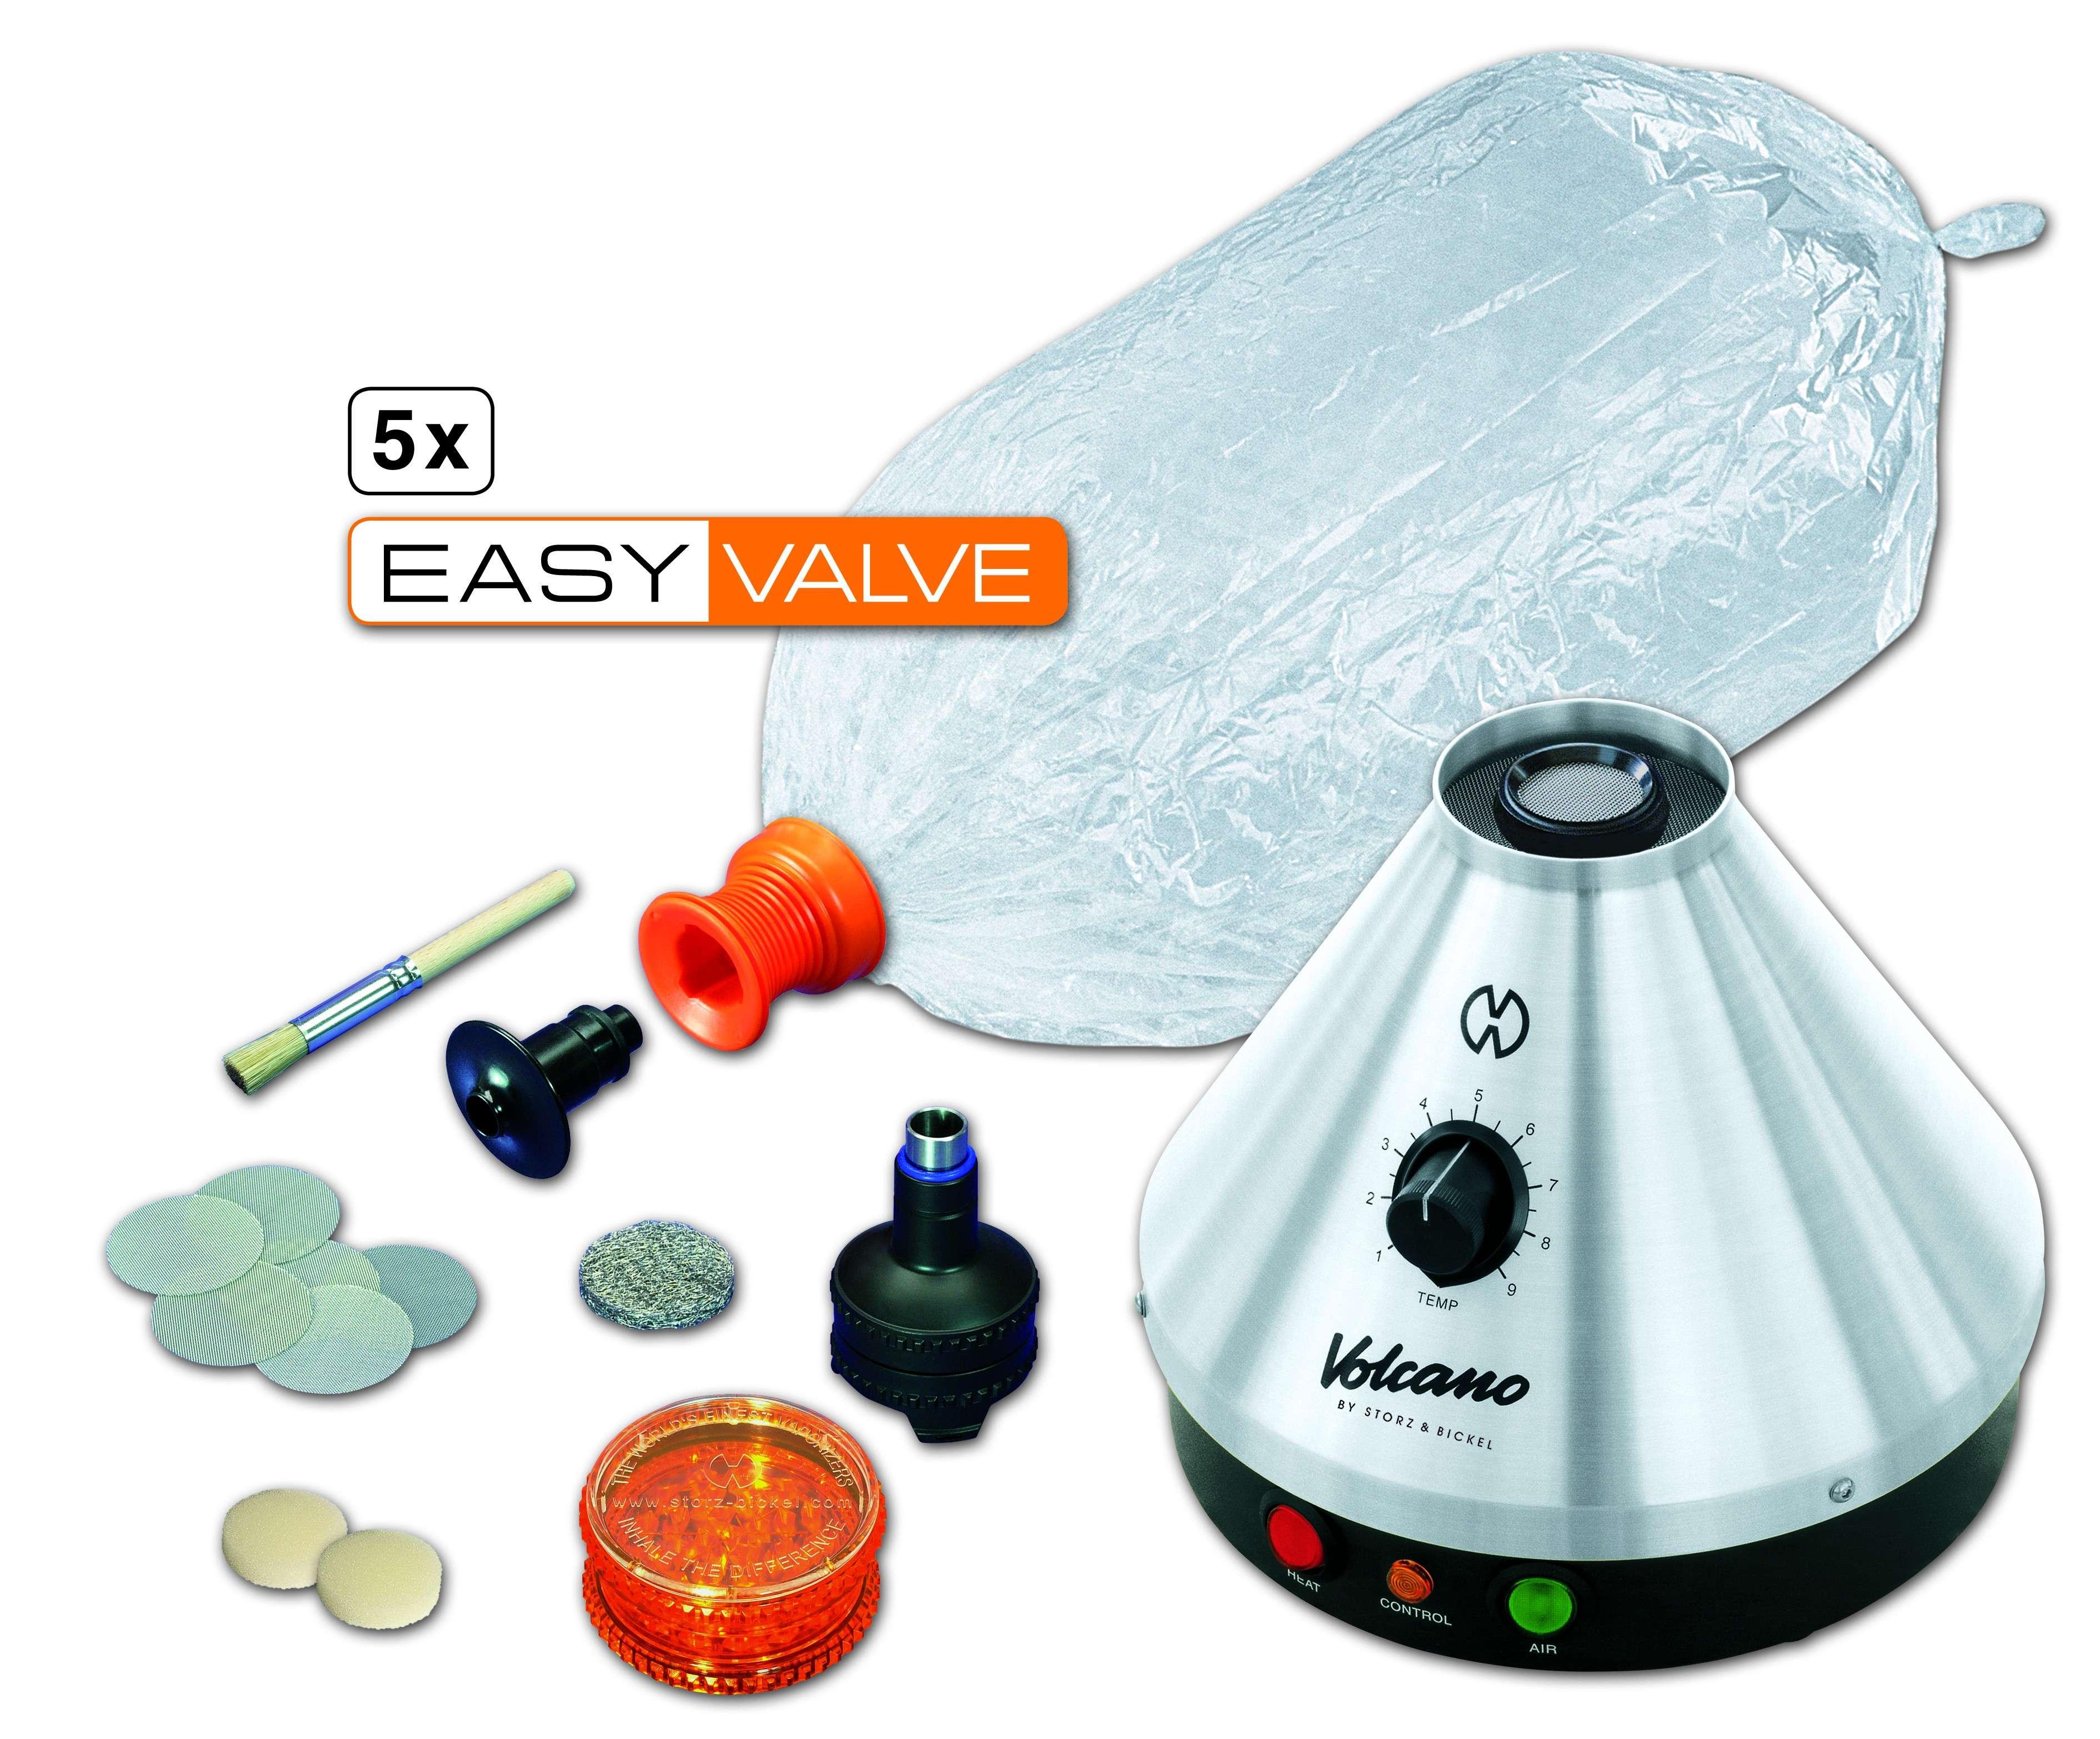 VA1502 - VOLCANO CLASSIC CON EASY VALVE VAPORIZZATORE